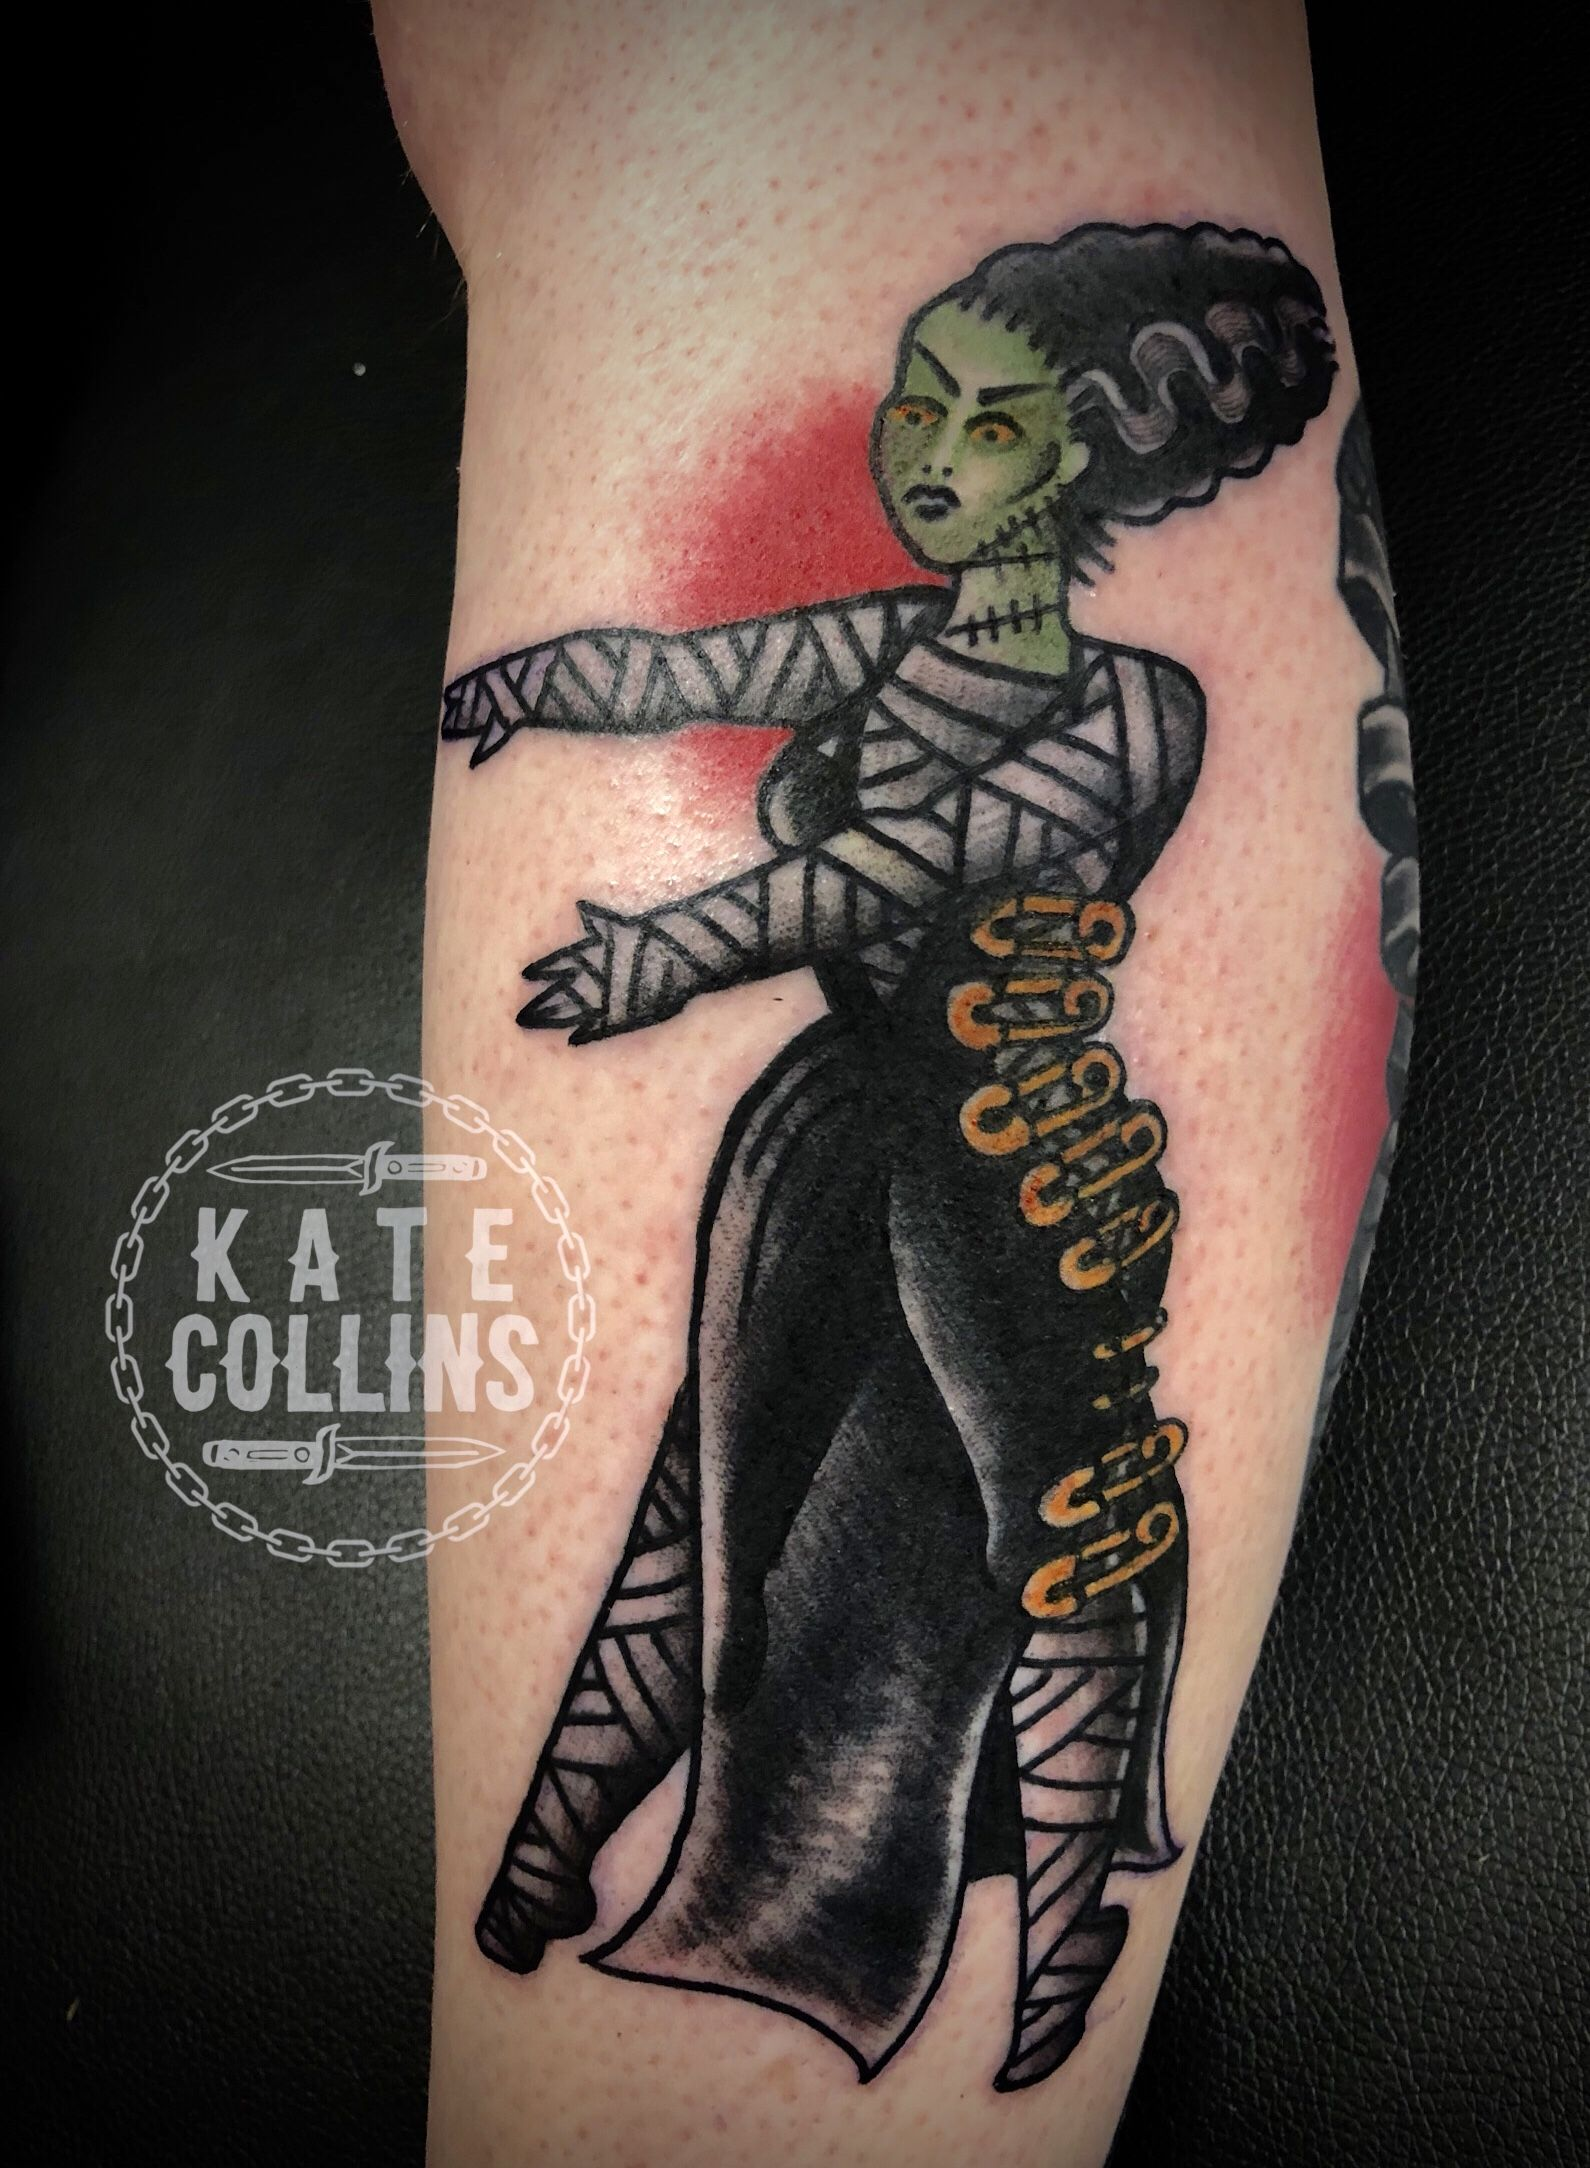 Kate collins tattoo philly philadelphia best philadelphia